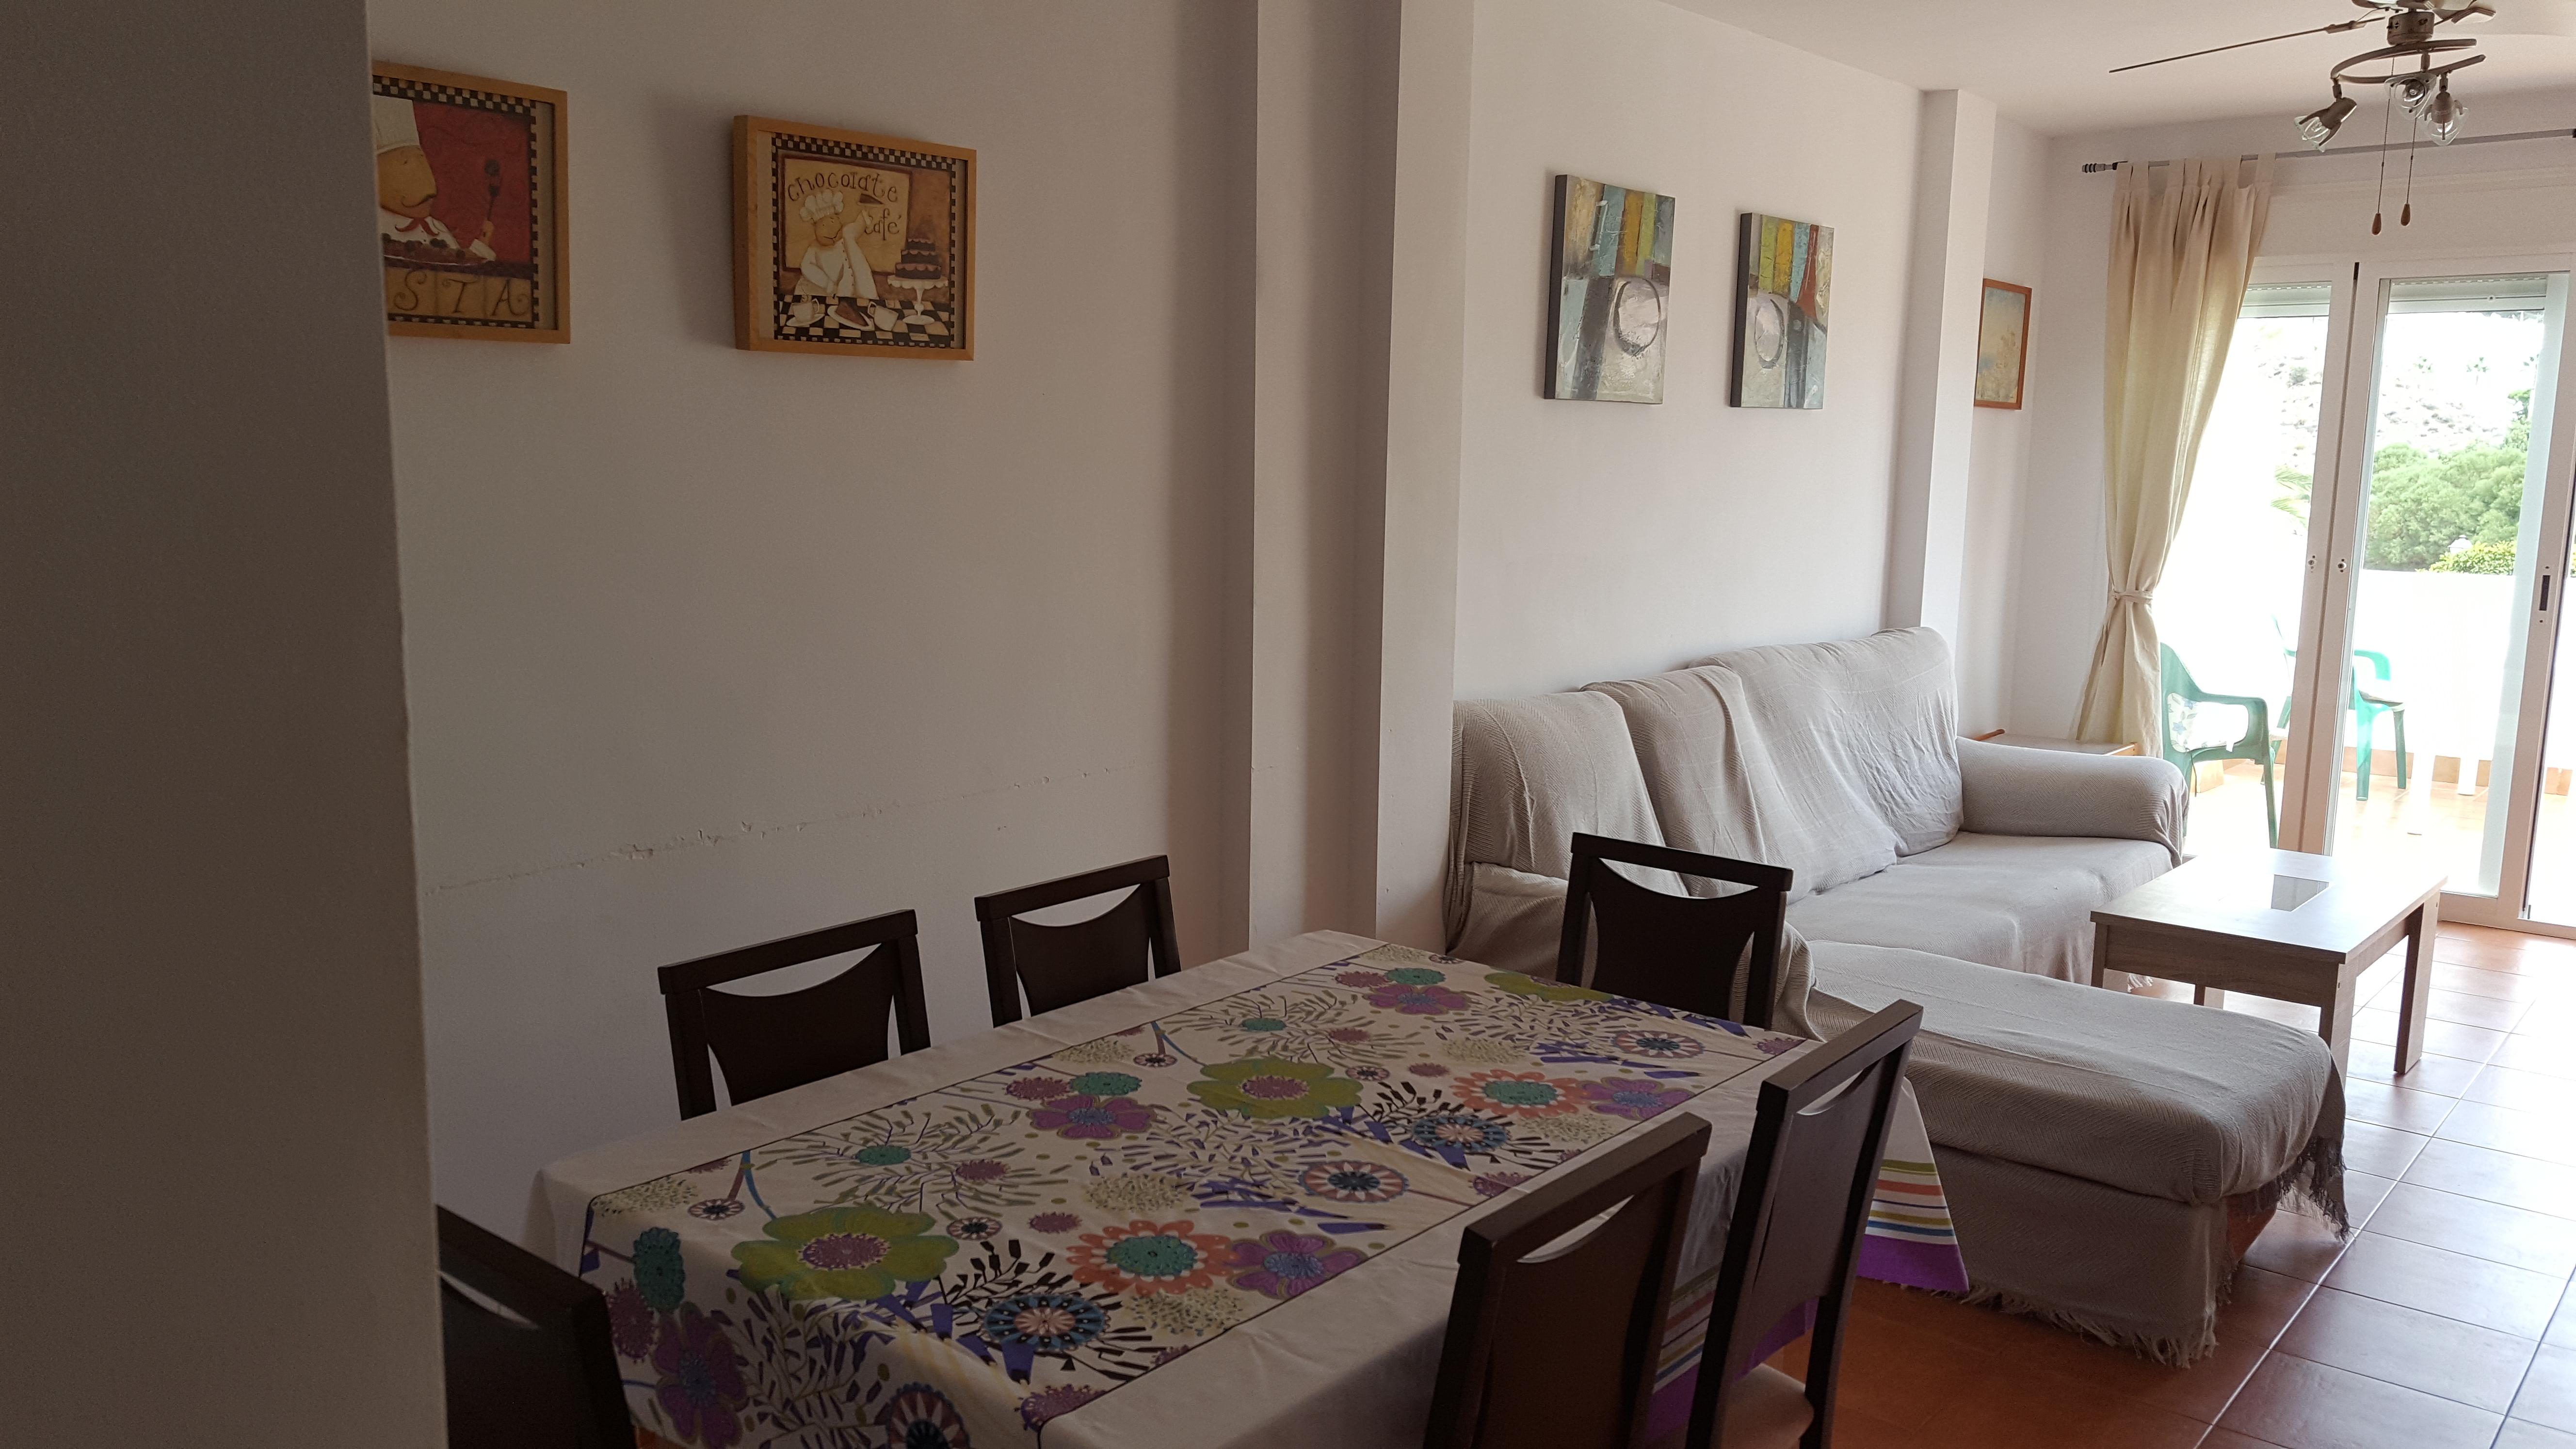 Ferienwohnung 3 Schlafzimmer Wohnung zu vermieten in Mojcar, Spanien (2388895), Mojacar, Costa de Almeria, Andalusien, Spanien, Bild 6